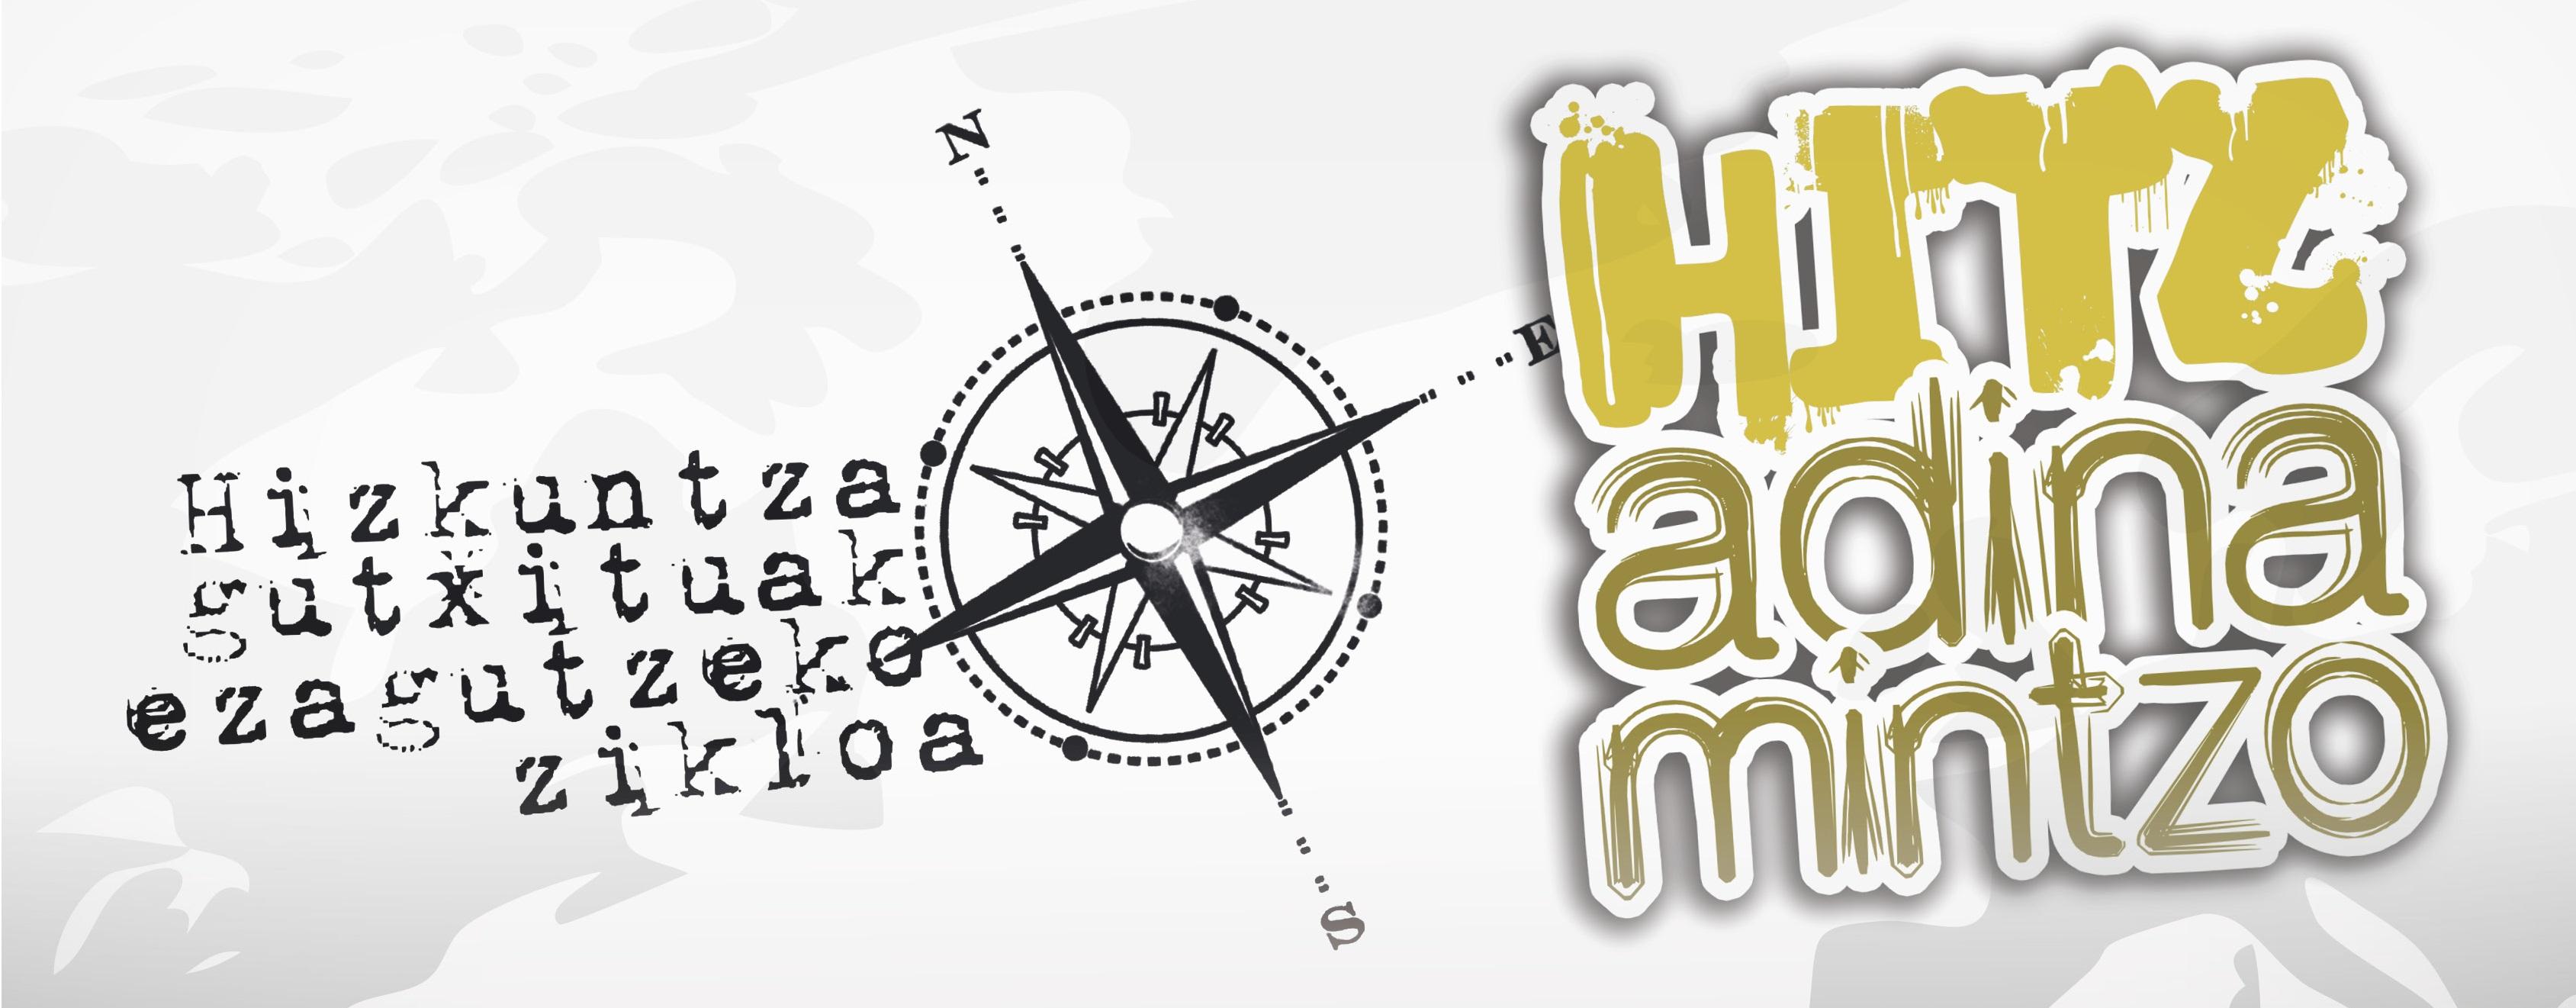 Hitz Adina Mintzo: <br /> una nueva edición del ciclo de lenguas minorizadas <br />